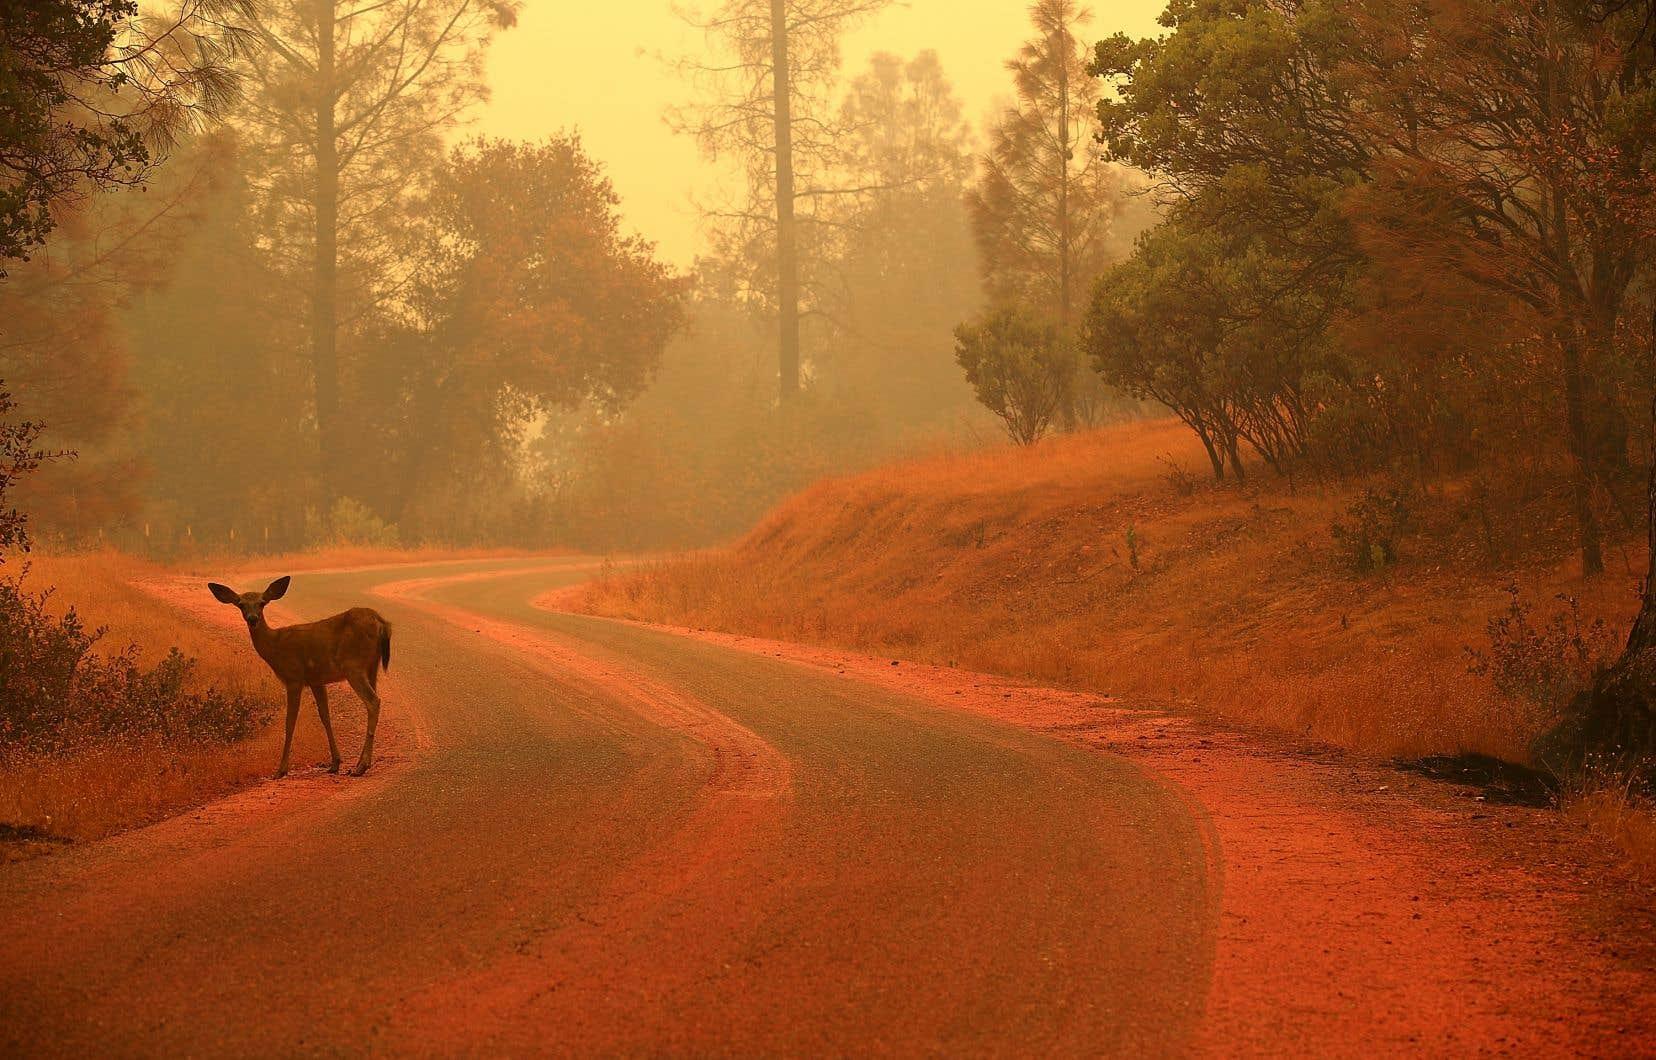 Quelque 63000 hectares ont brûlé dans les 14 incendies en cours dans l'ensemble de la Californie.